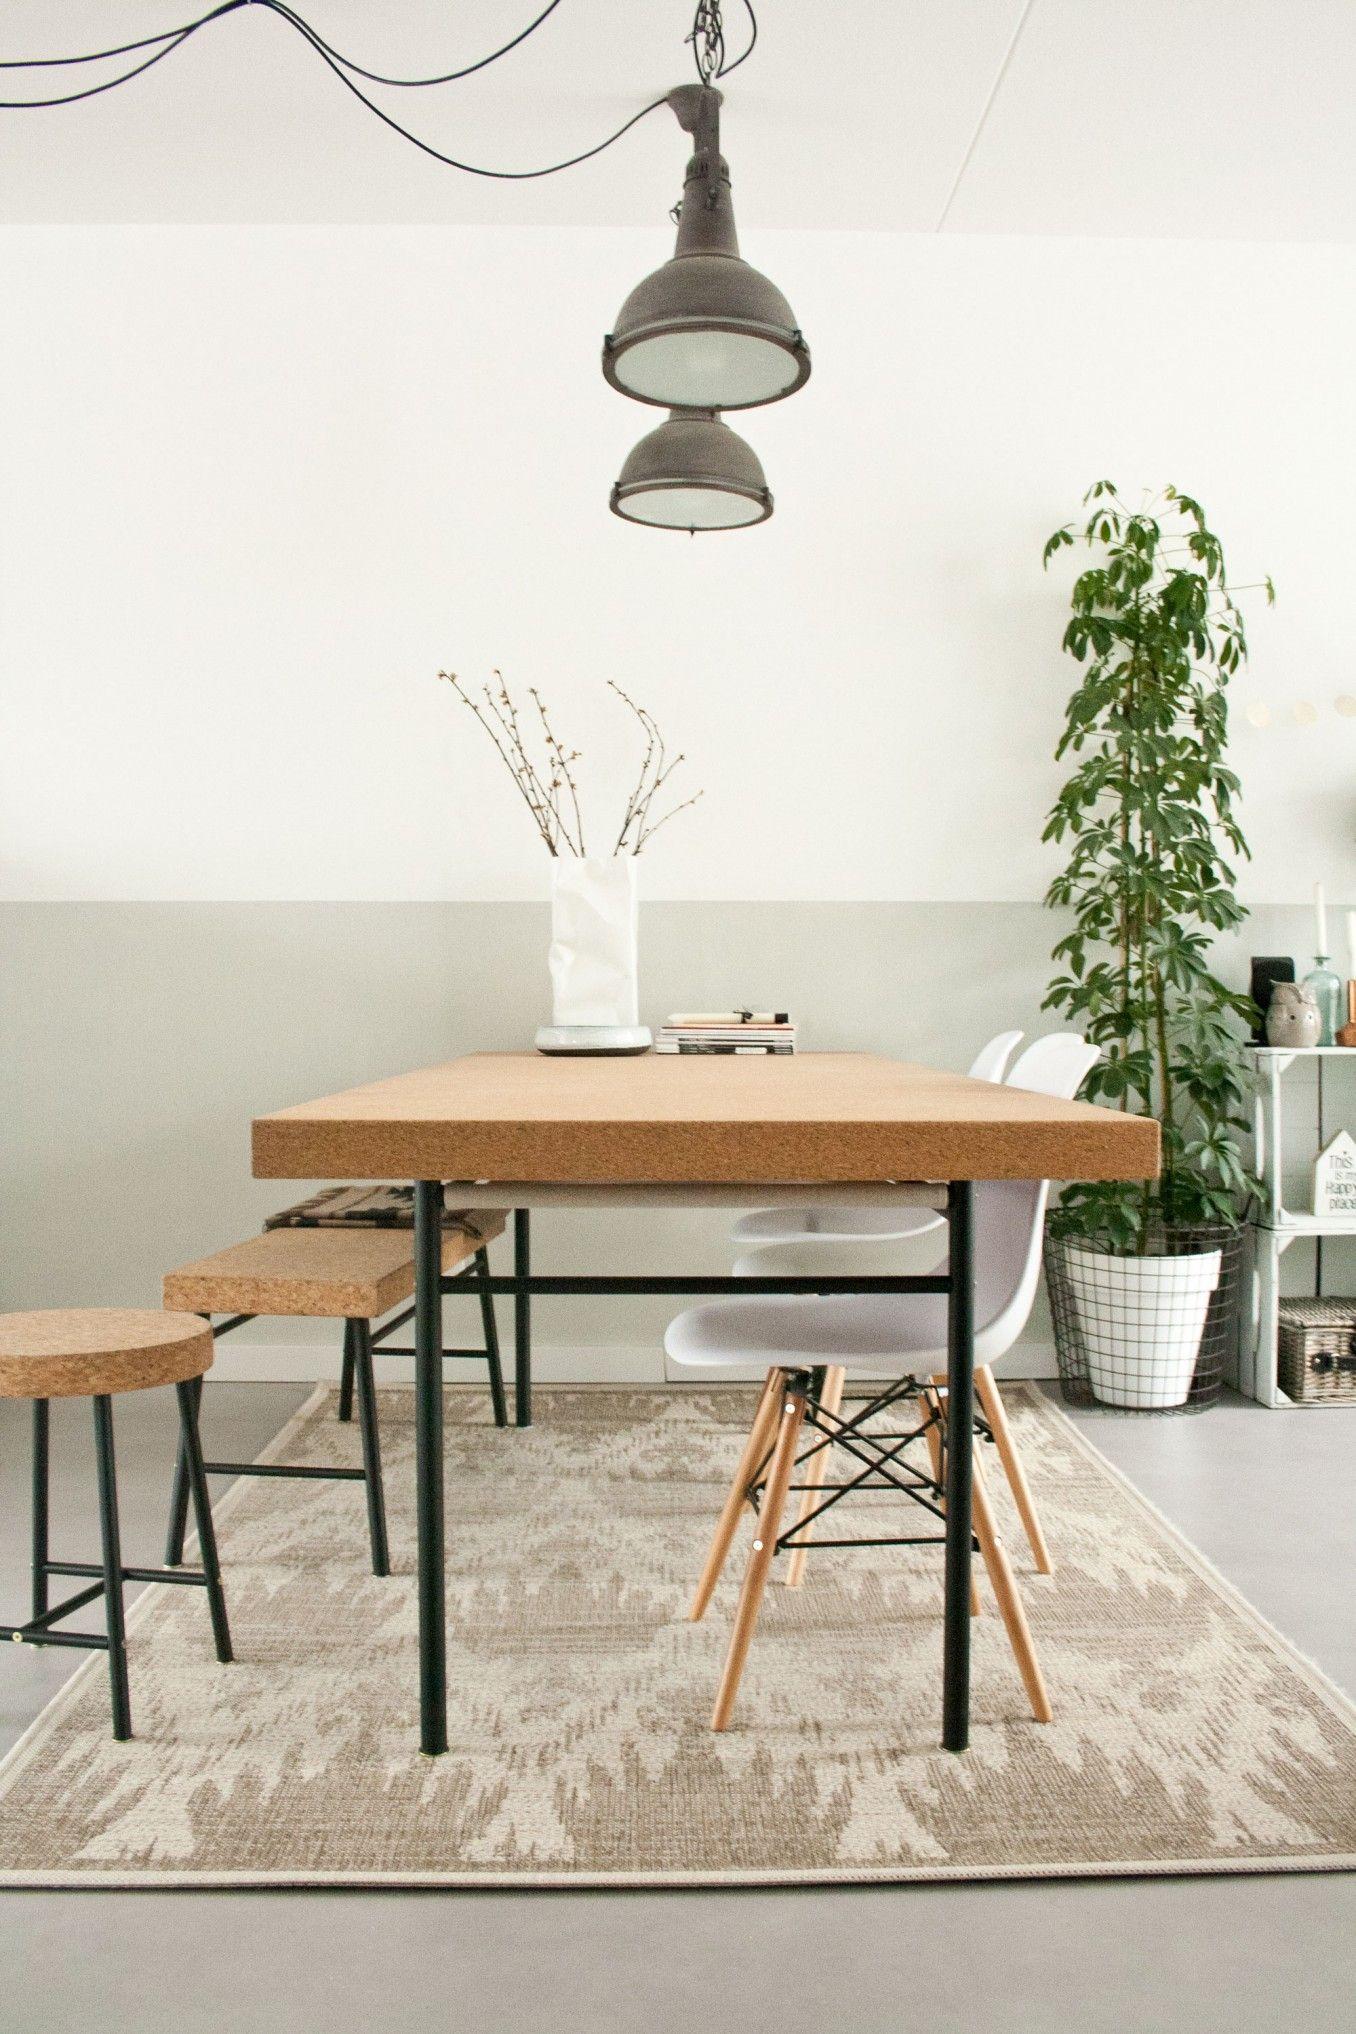 Bijzettafel Keuken Wit.Keuken Bijzettafel Ikea Informatie Over De Keuken